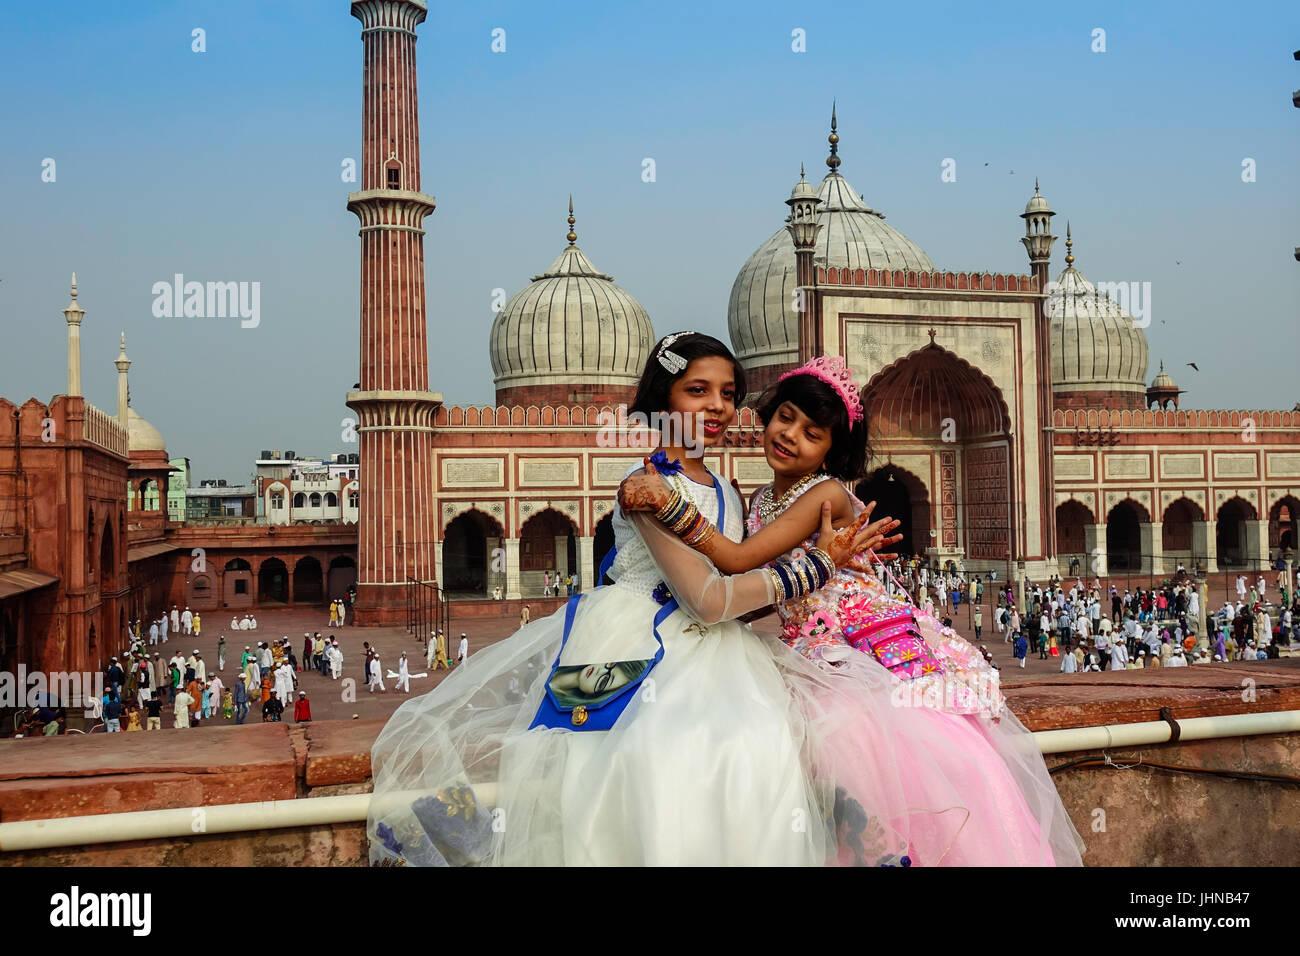 Ehe islam liebe in der Ehetraditionen in